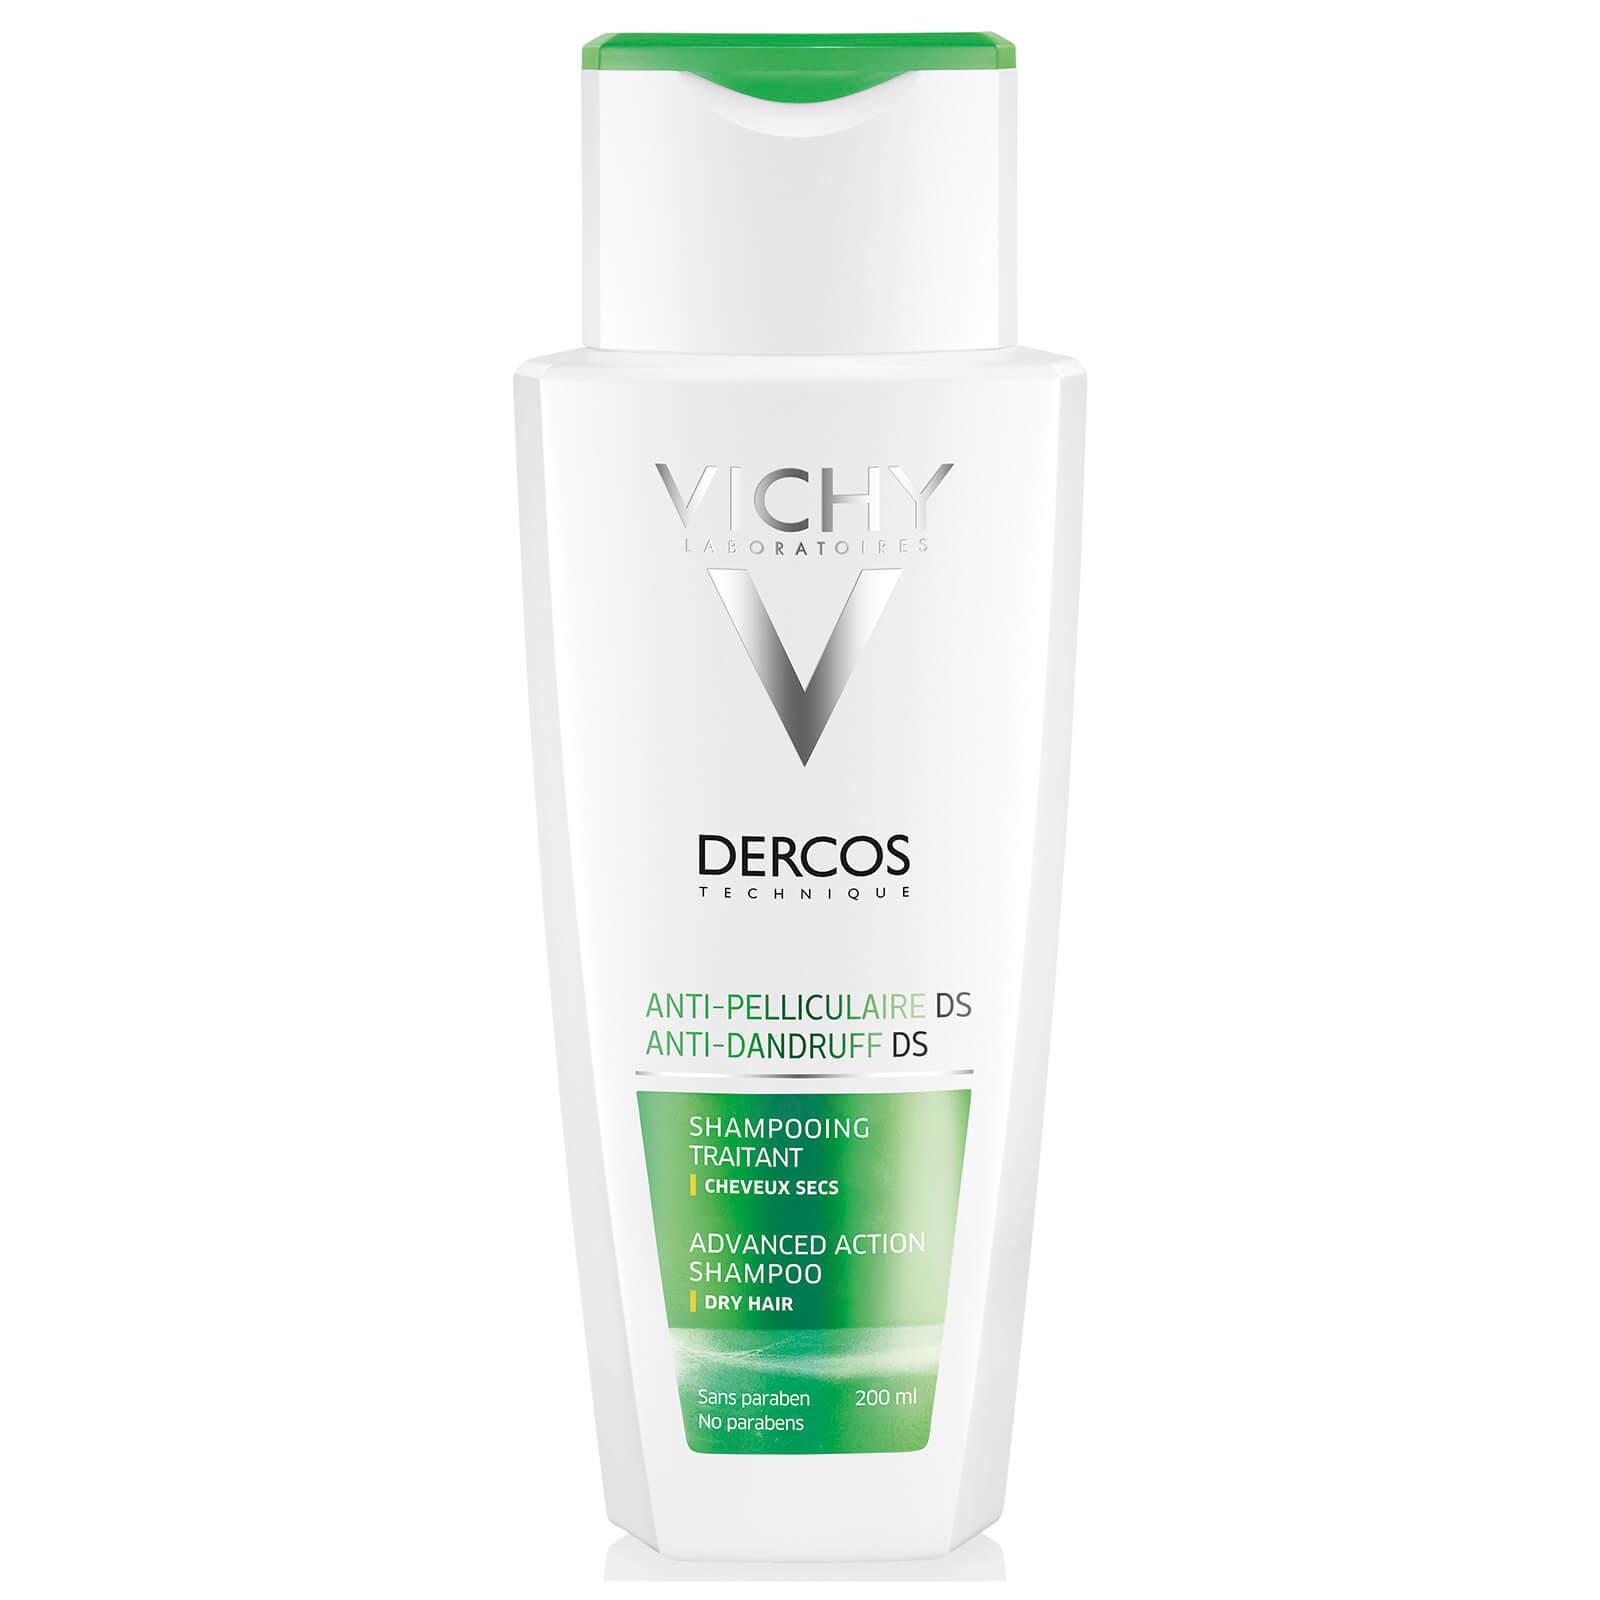 VICHY Dercos Αντιπυτιριδικό Σαμπουάν για Κανονικά-Λιπαρά Μαλλιά - 200ml